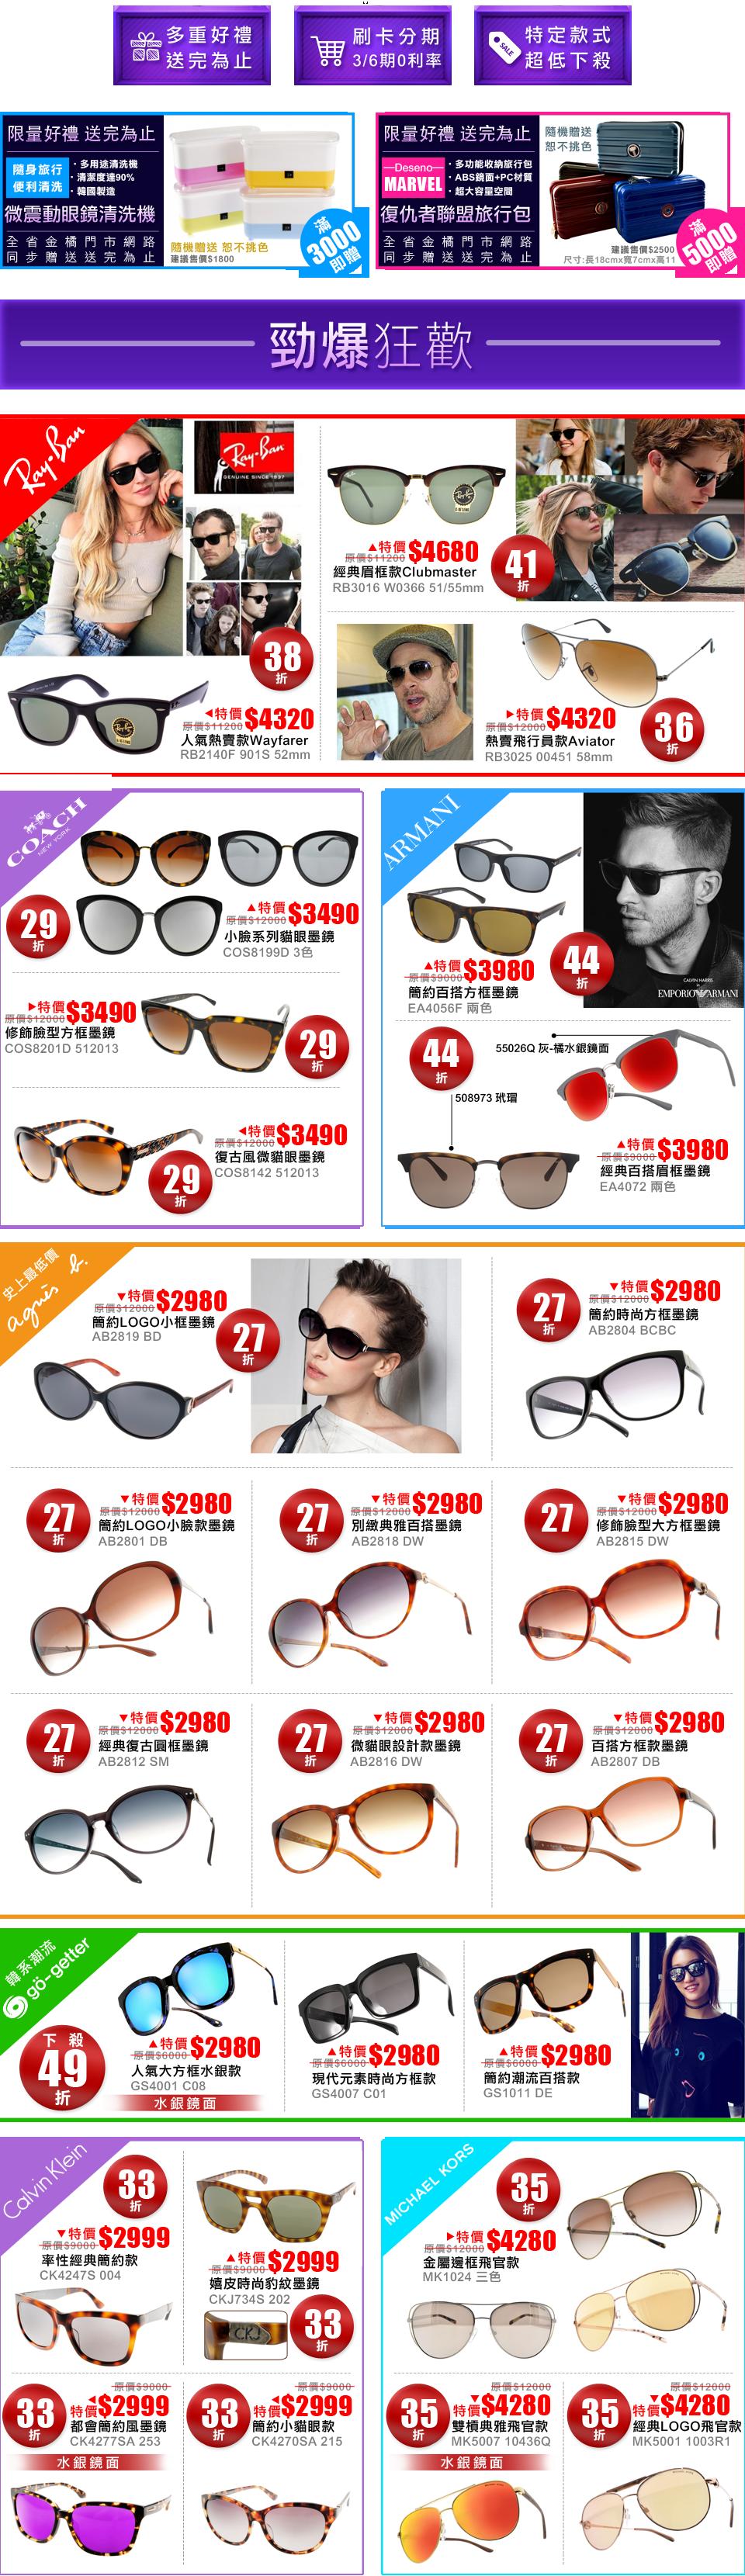 眼鏡品牌優惠